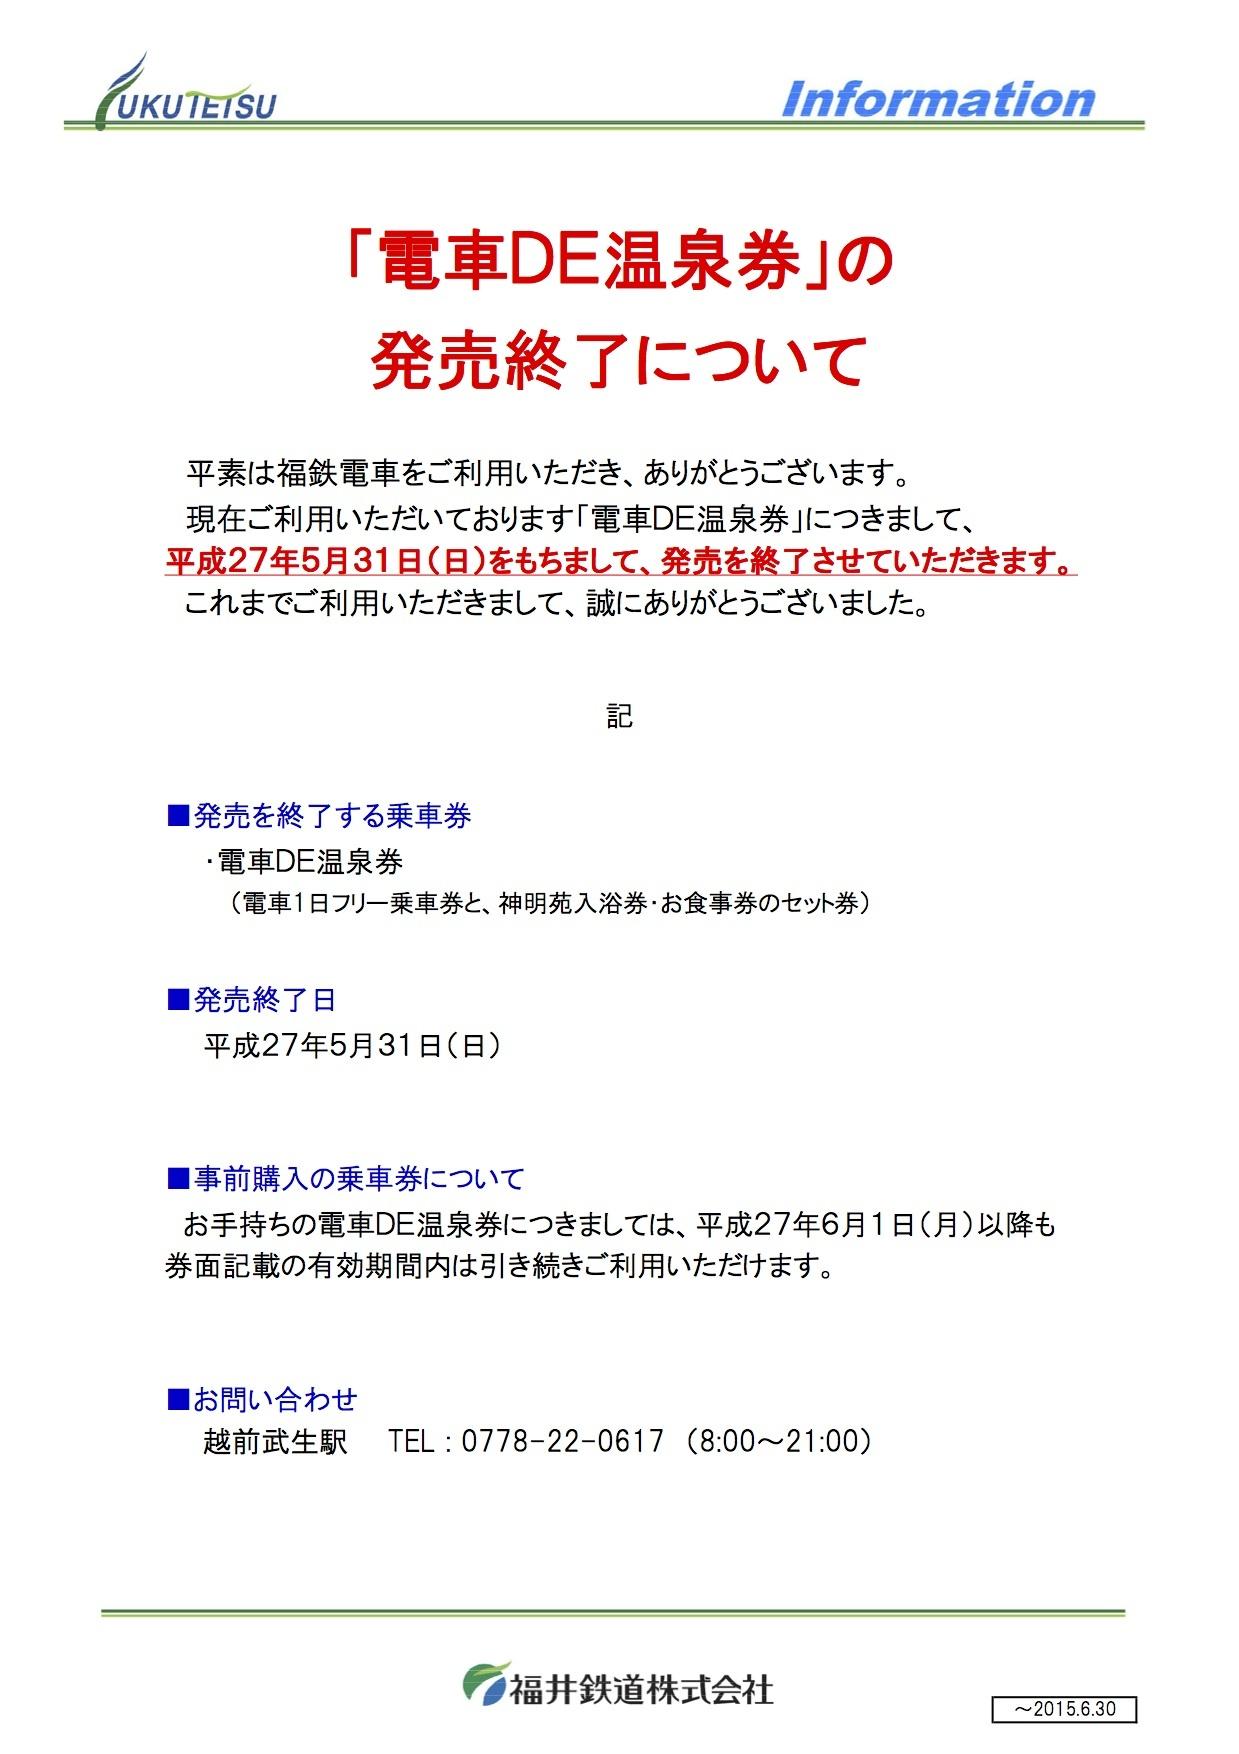 電車DE温泉券発売終了.jpg